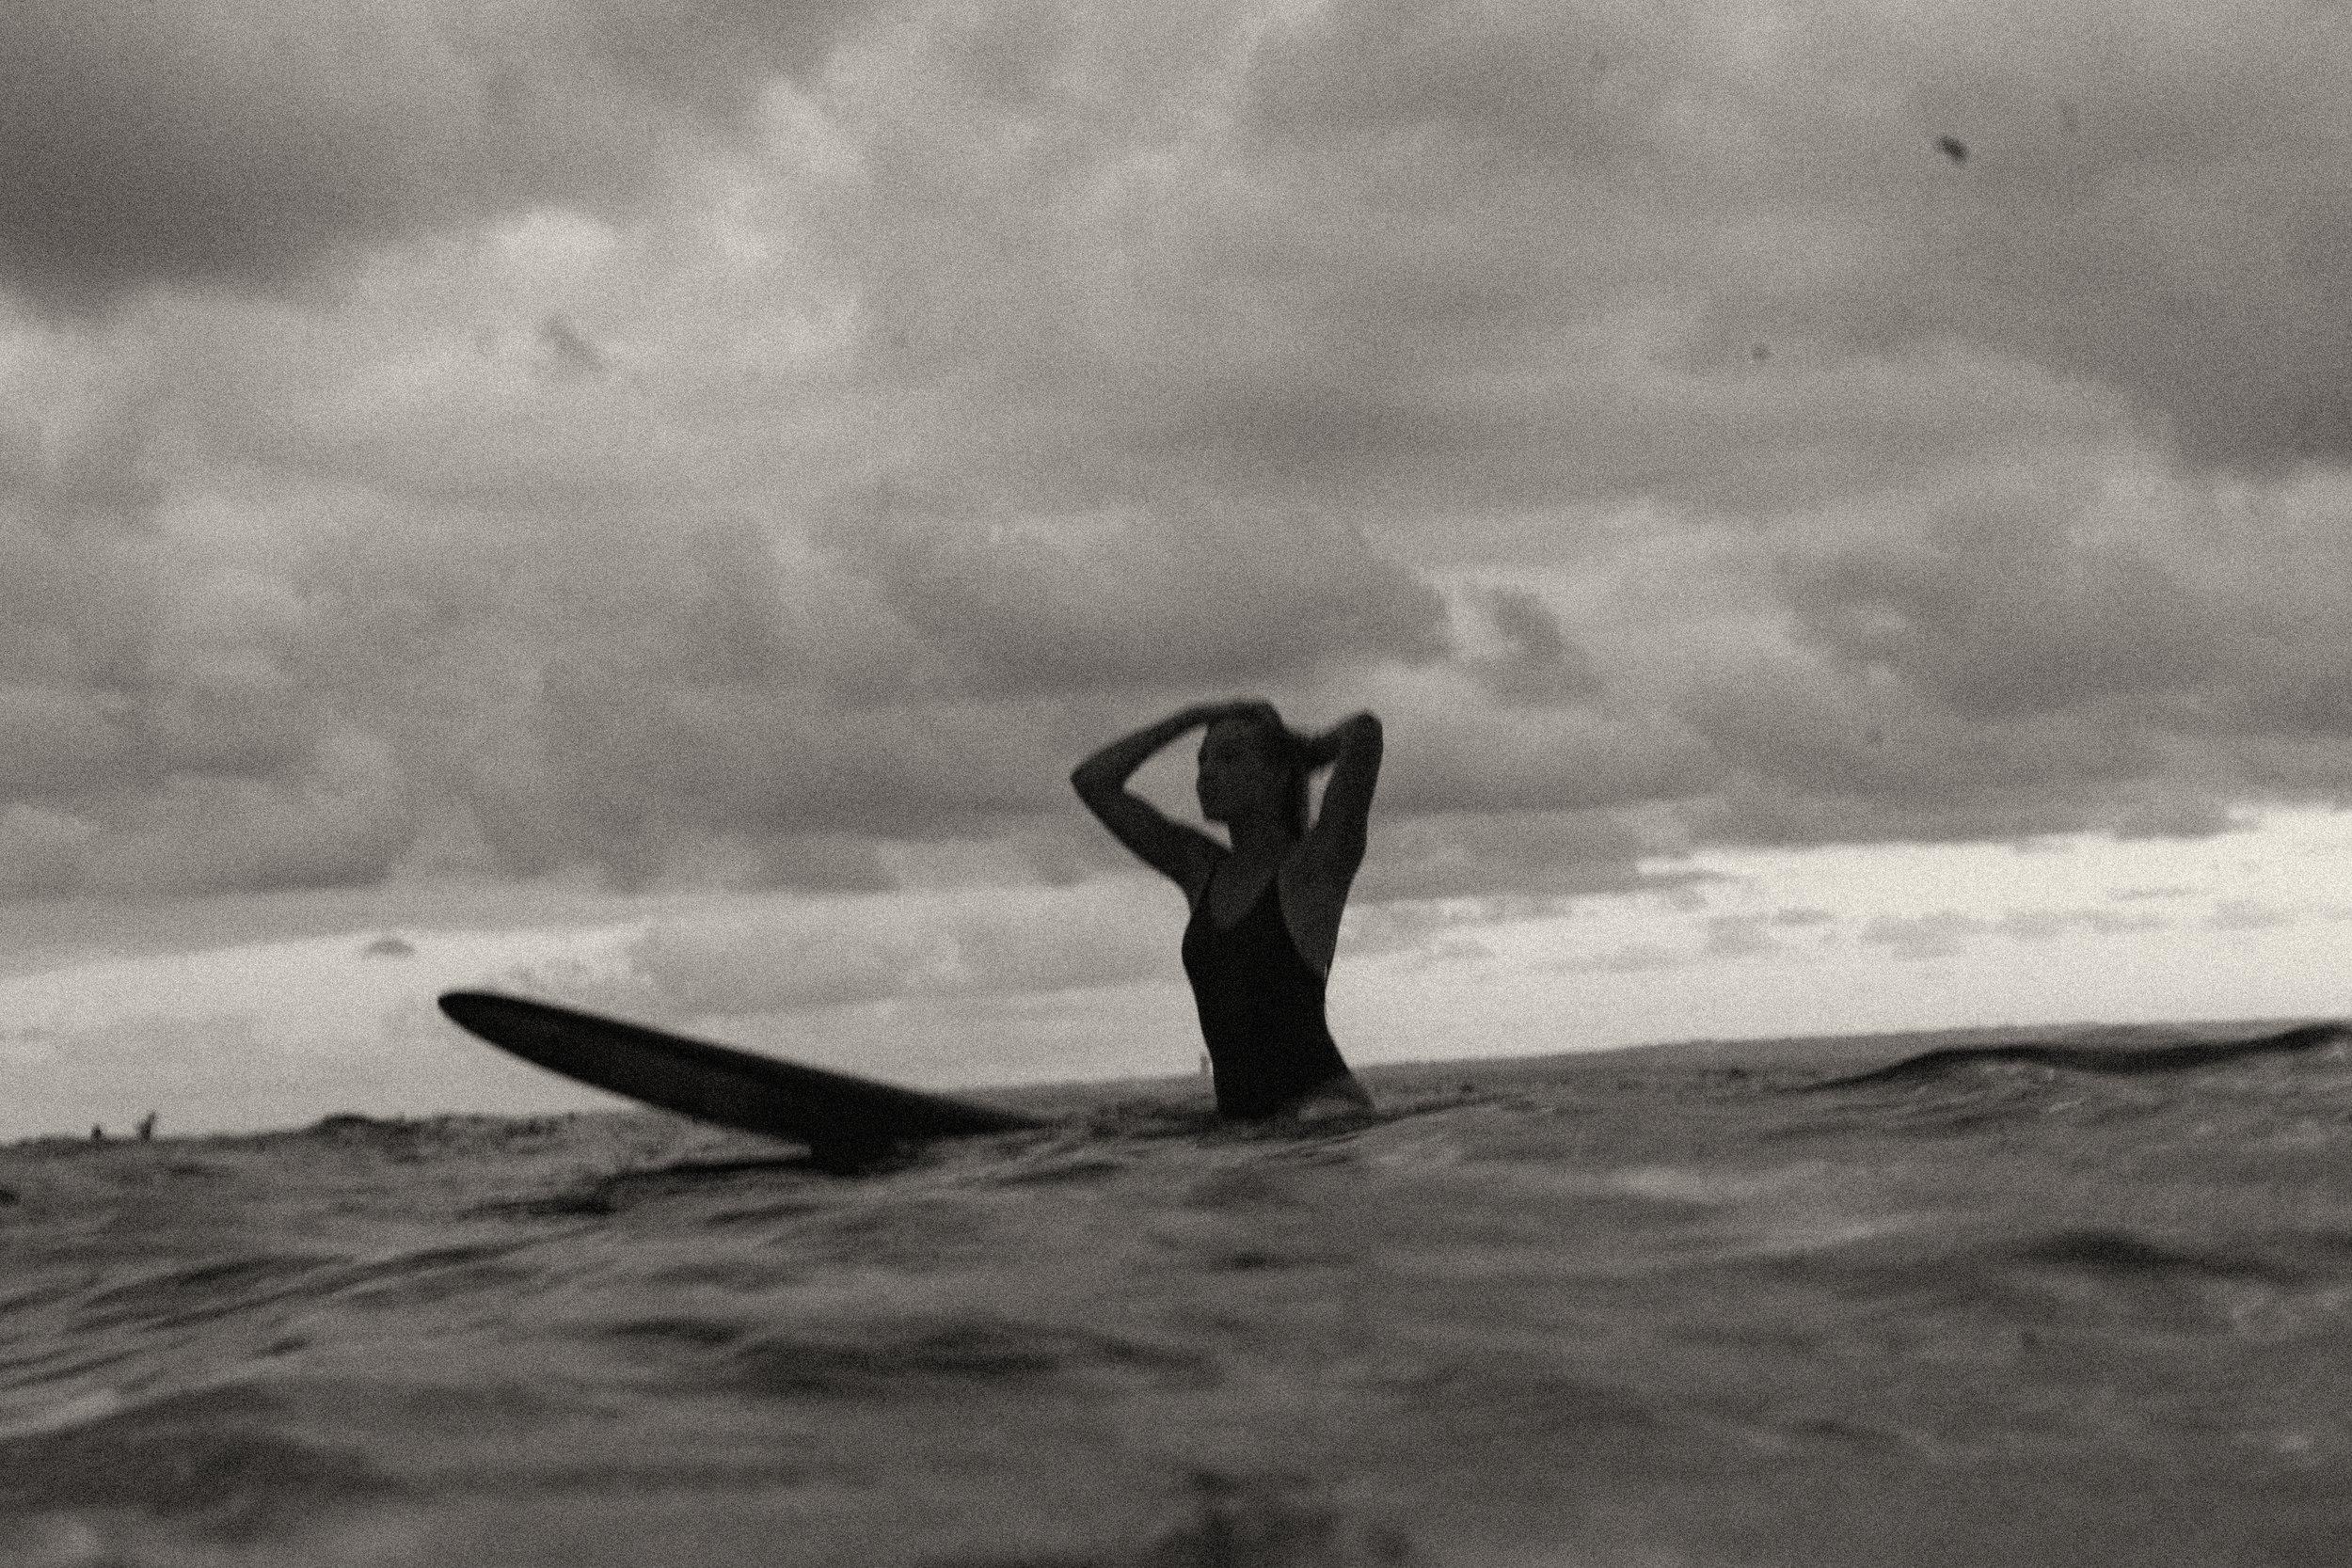 erik_winter_surf_surfing_21.jpg